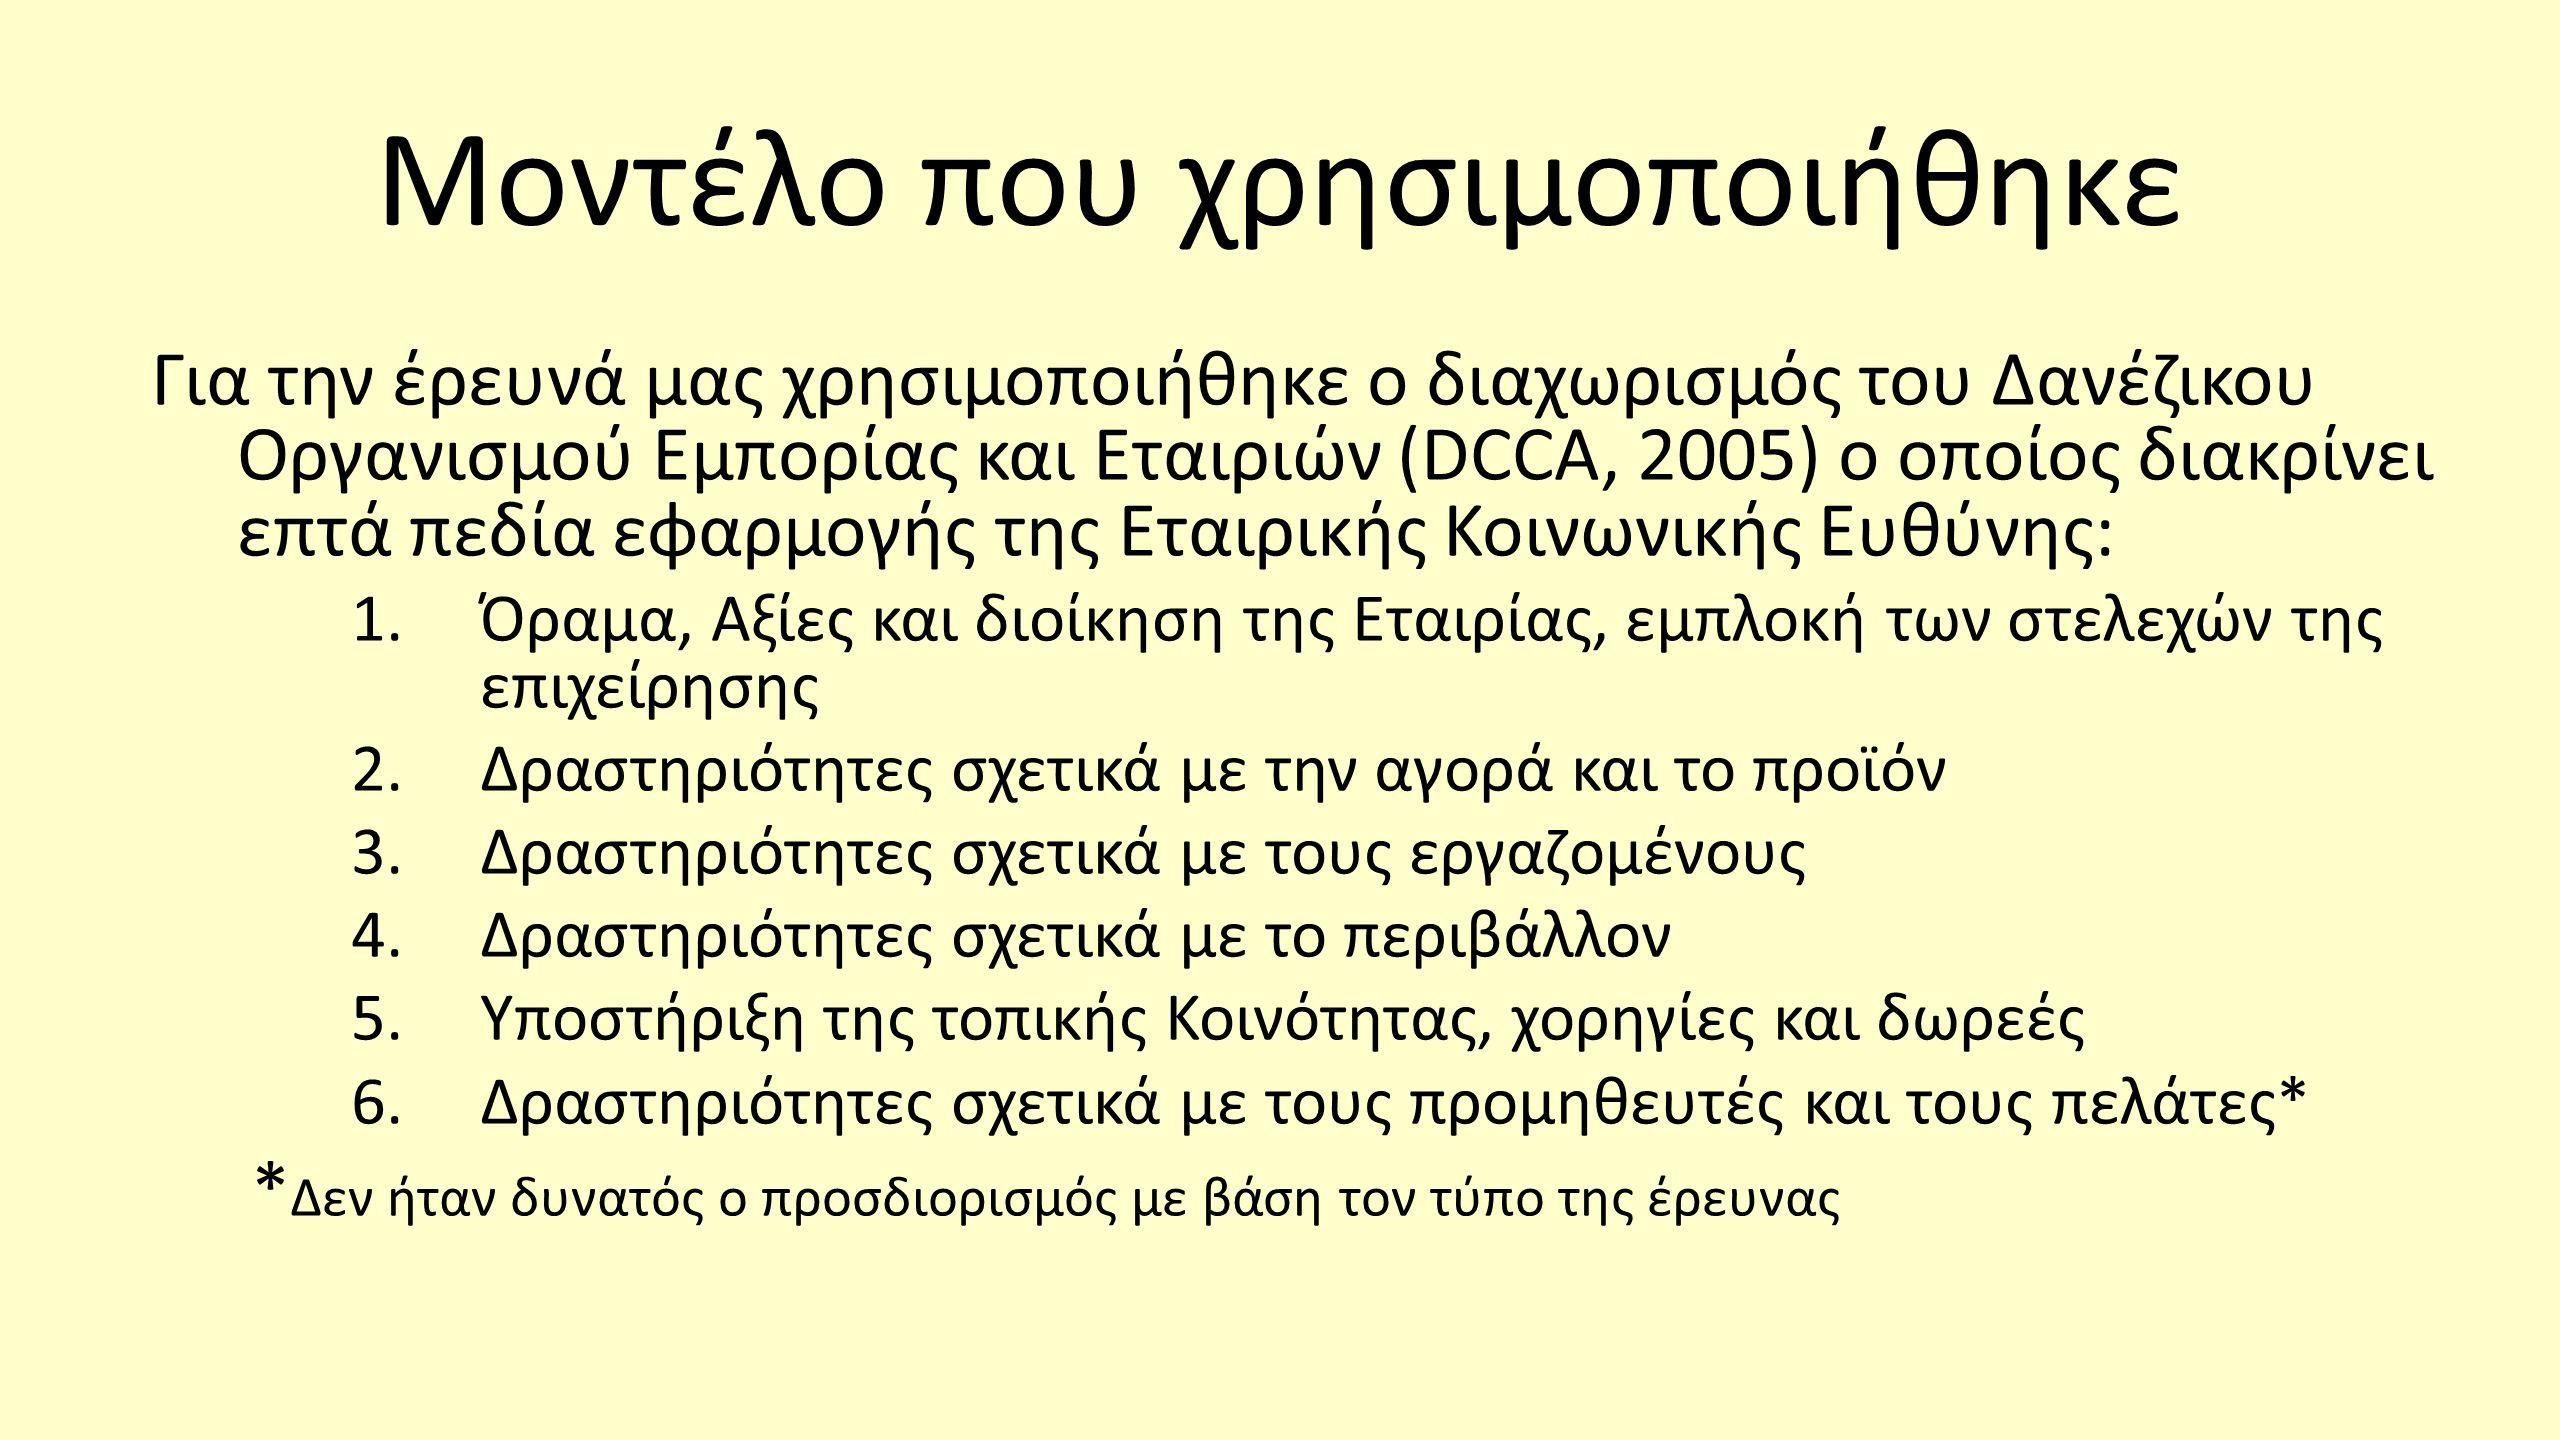 Μοντέλο που χρησιμοποιήθηκε Για την έρευνά μας χρησιμοποιήθηκε ο διαχωρισμός του Δανέζικου Οργανισμού Εμπορίας και Εταιριών (DCCA, 2005) ο οποίος διακ